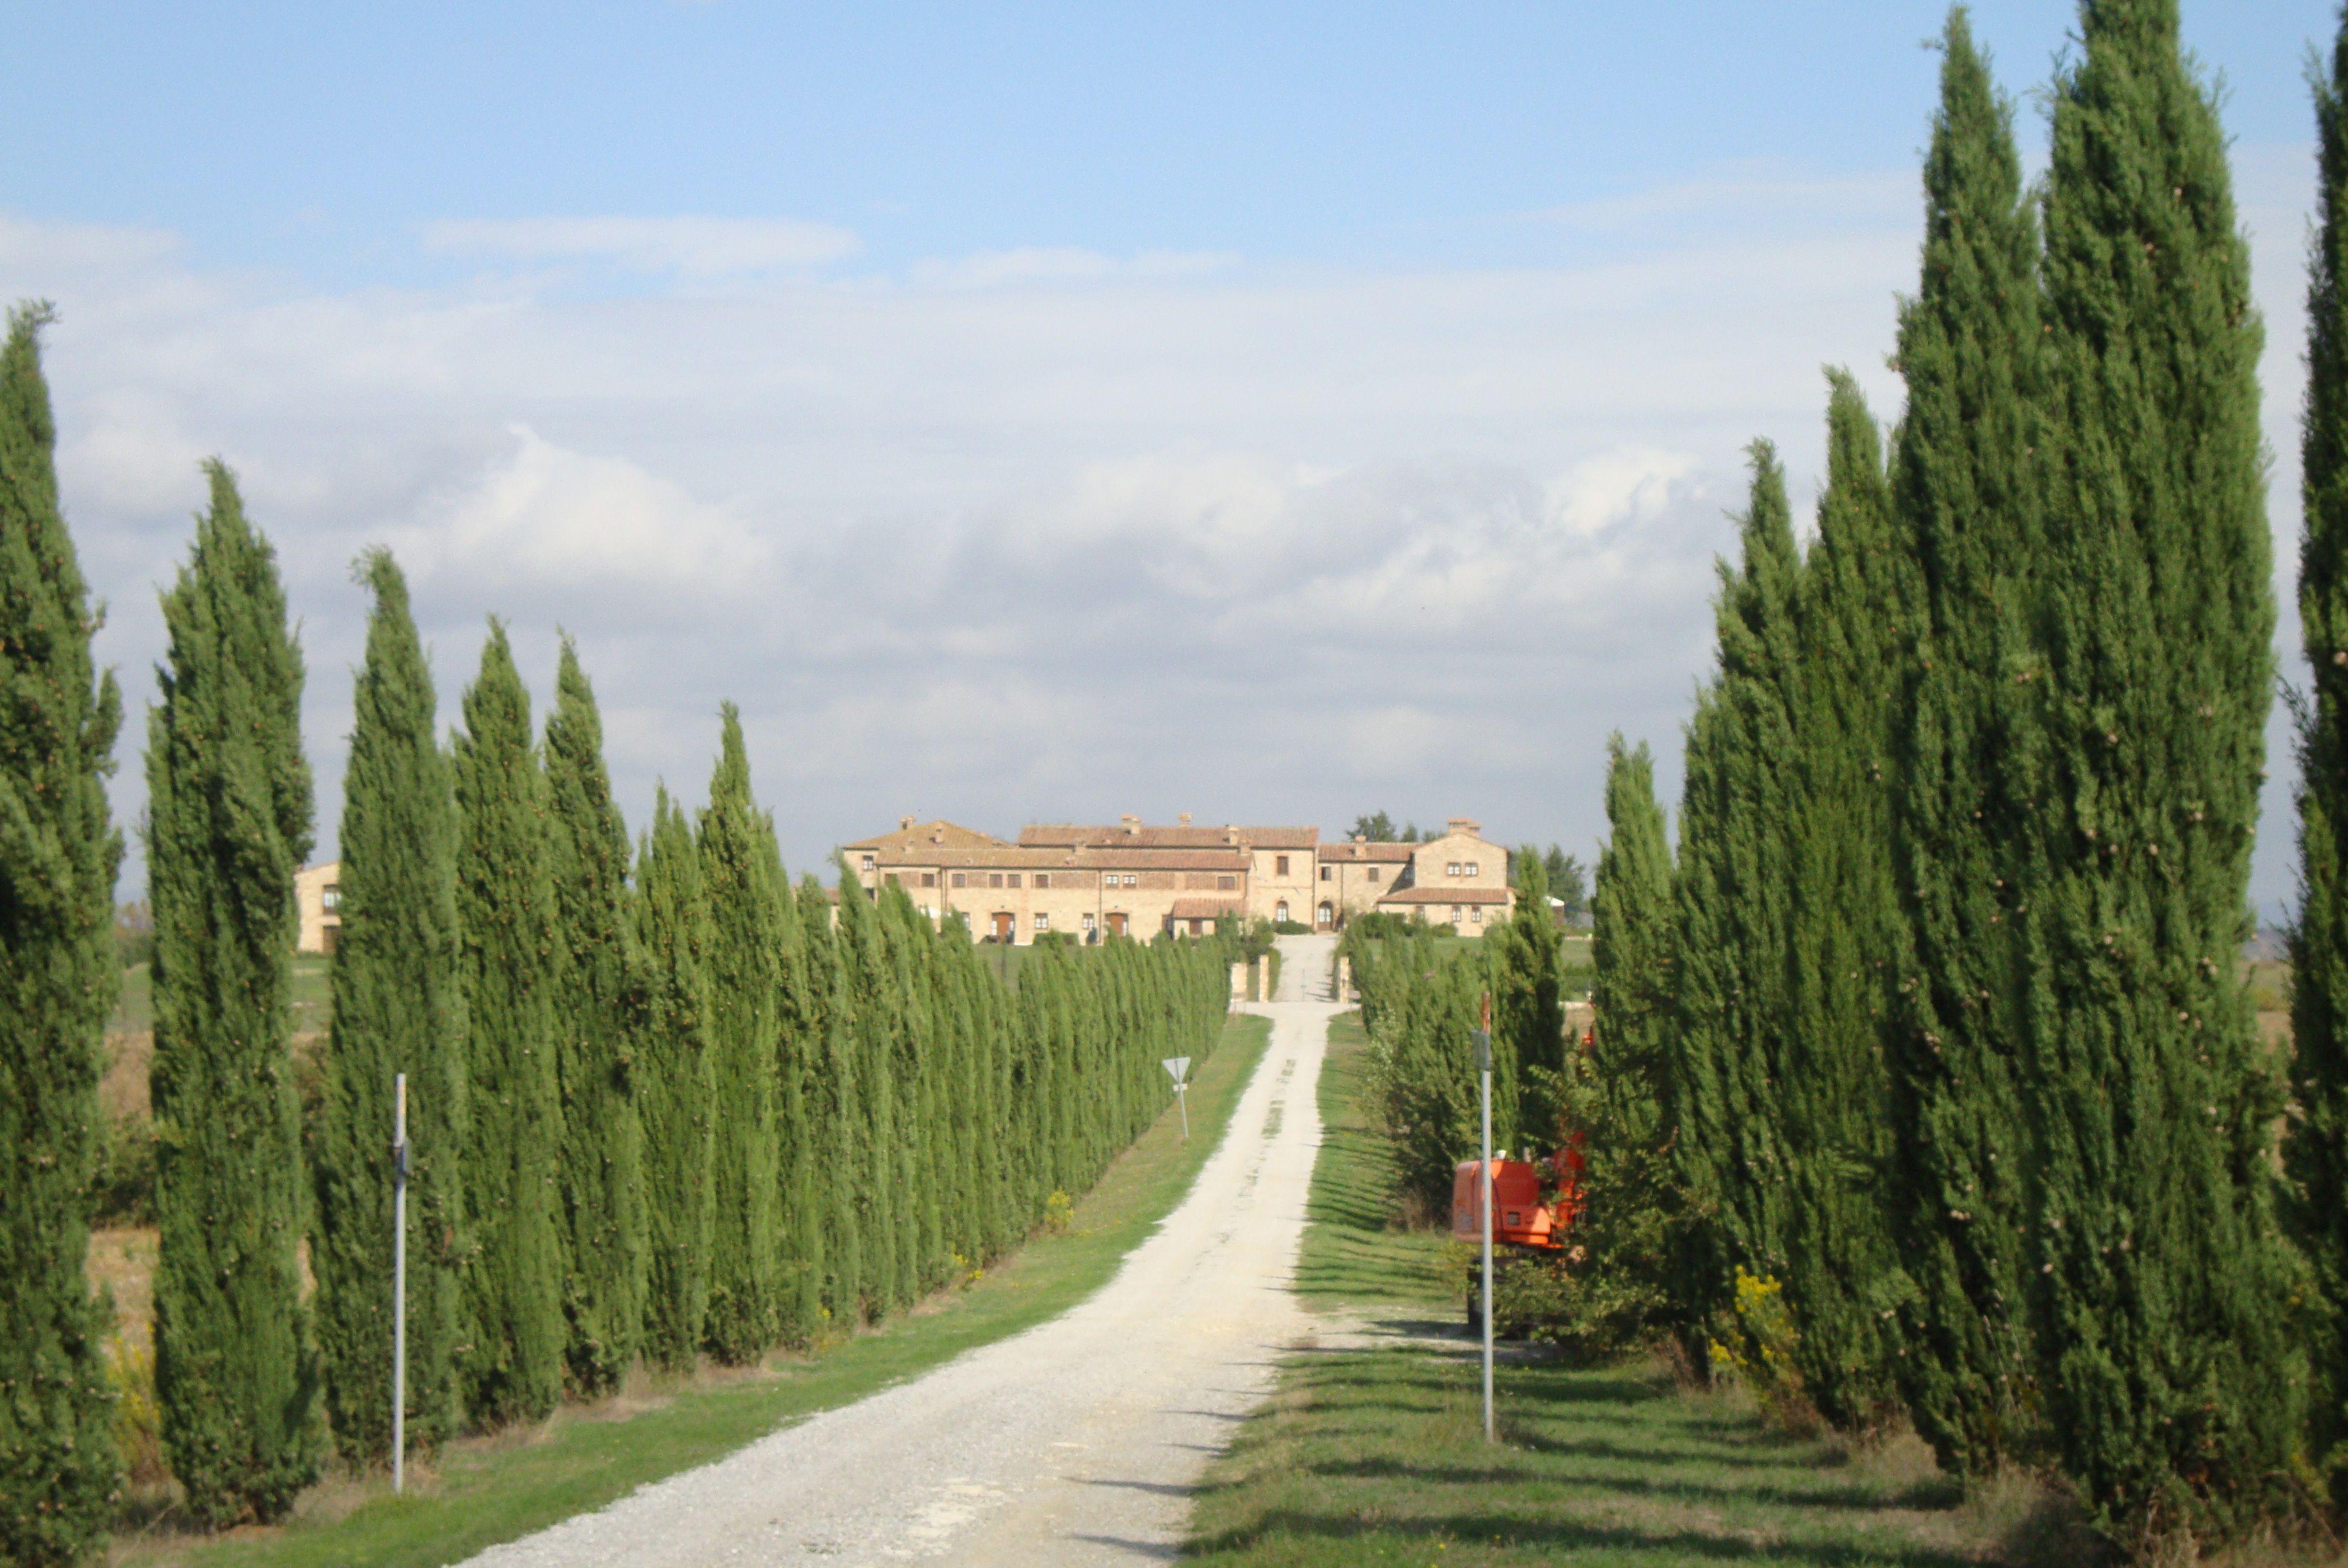 Pode? Caminhos toscanos. Itália, 2010.